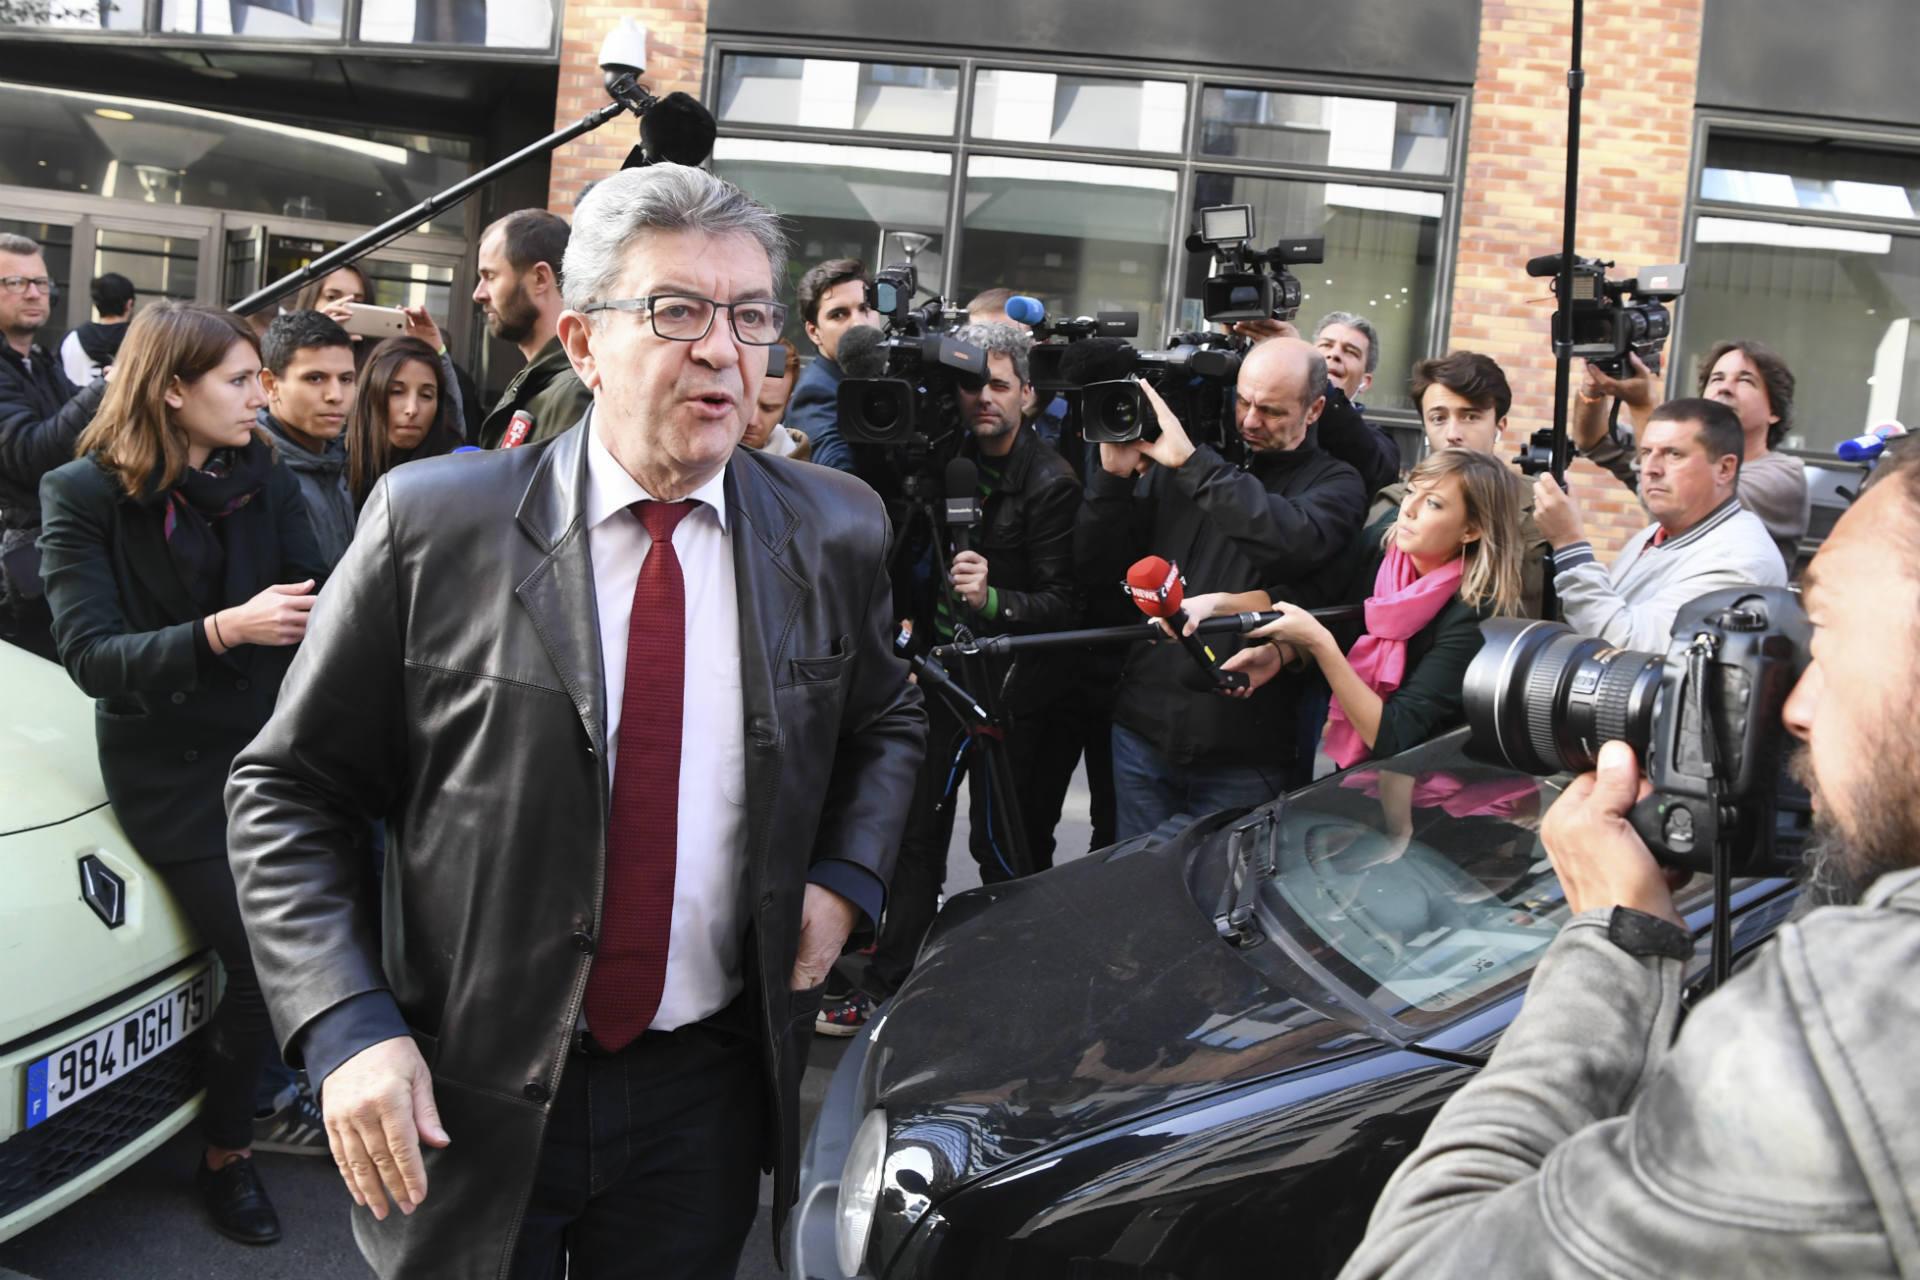 """Le domicile de Jean-Luc Mélenchon et les locaux de La France insoumise sont la cible de perquisitions en octobre dans le cadre de l'enquête sur d'éventuels emplois fictifs d'assistants parlementaires au Parlement européen. Le leader des Insoumis s'oppose violemment aux forces de l'ordre, se présentant en victime tout en clamant que sa personne est """"sacrée"""". Alors qu'il faisait figure d'opposant en chef à Emmanuel Macron, c'est le mauvais buzz de trop pour l'ancien candidat à l'élection présidentielle."""